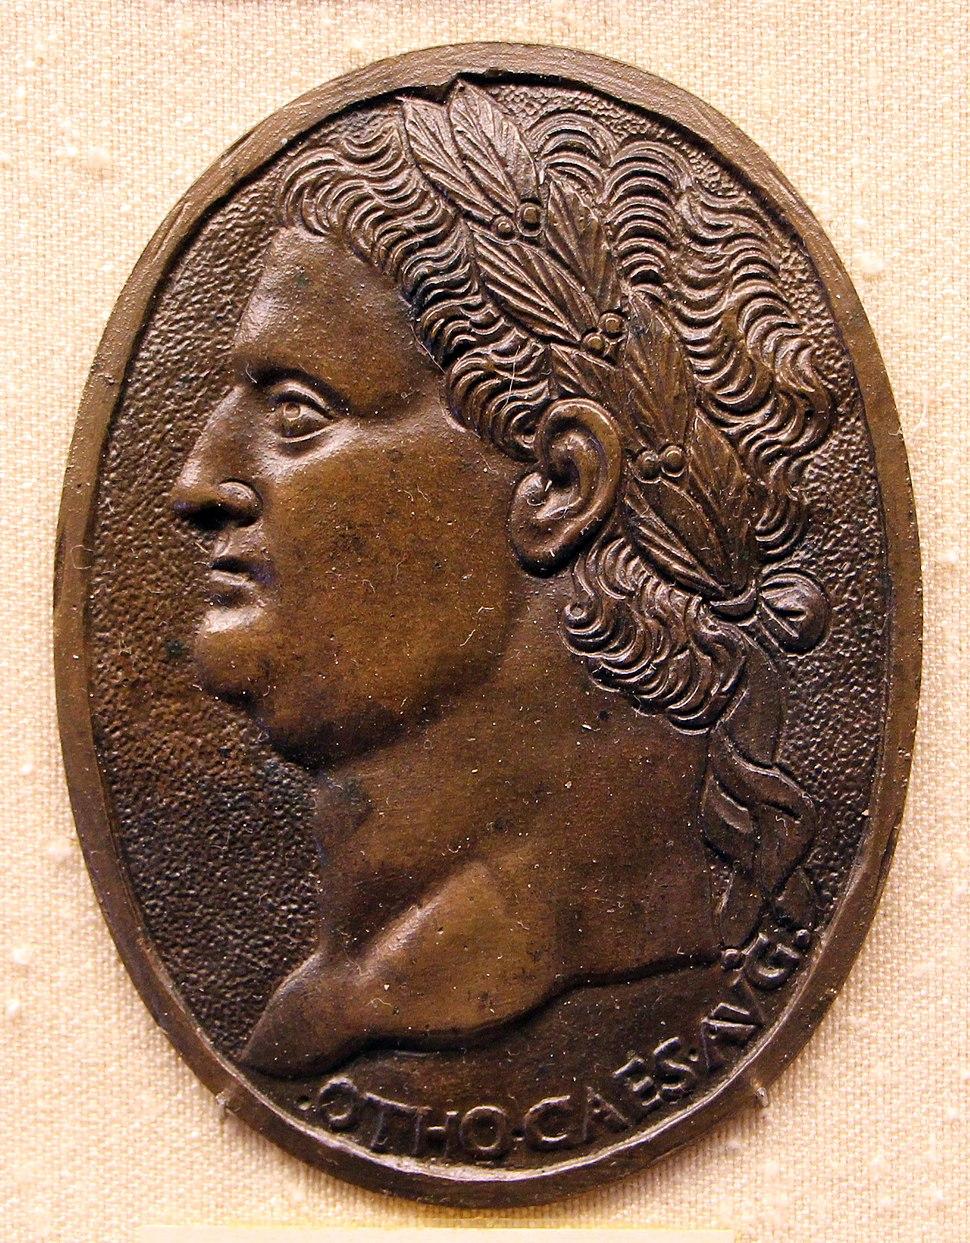 Italia, anonimo, ottone, 1550 ca.